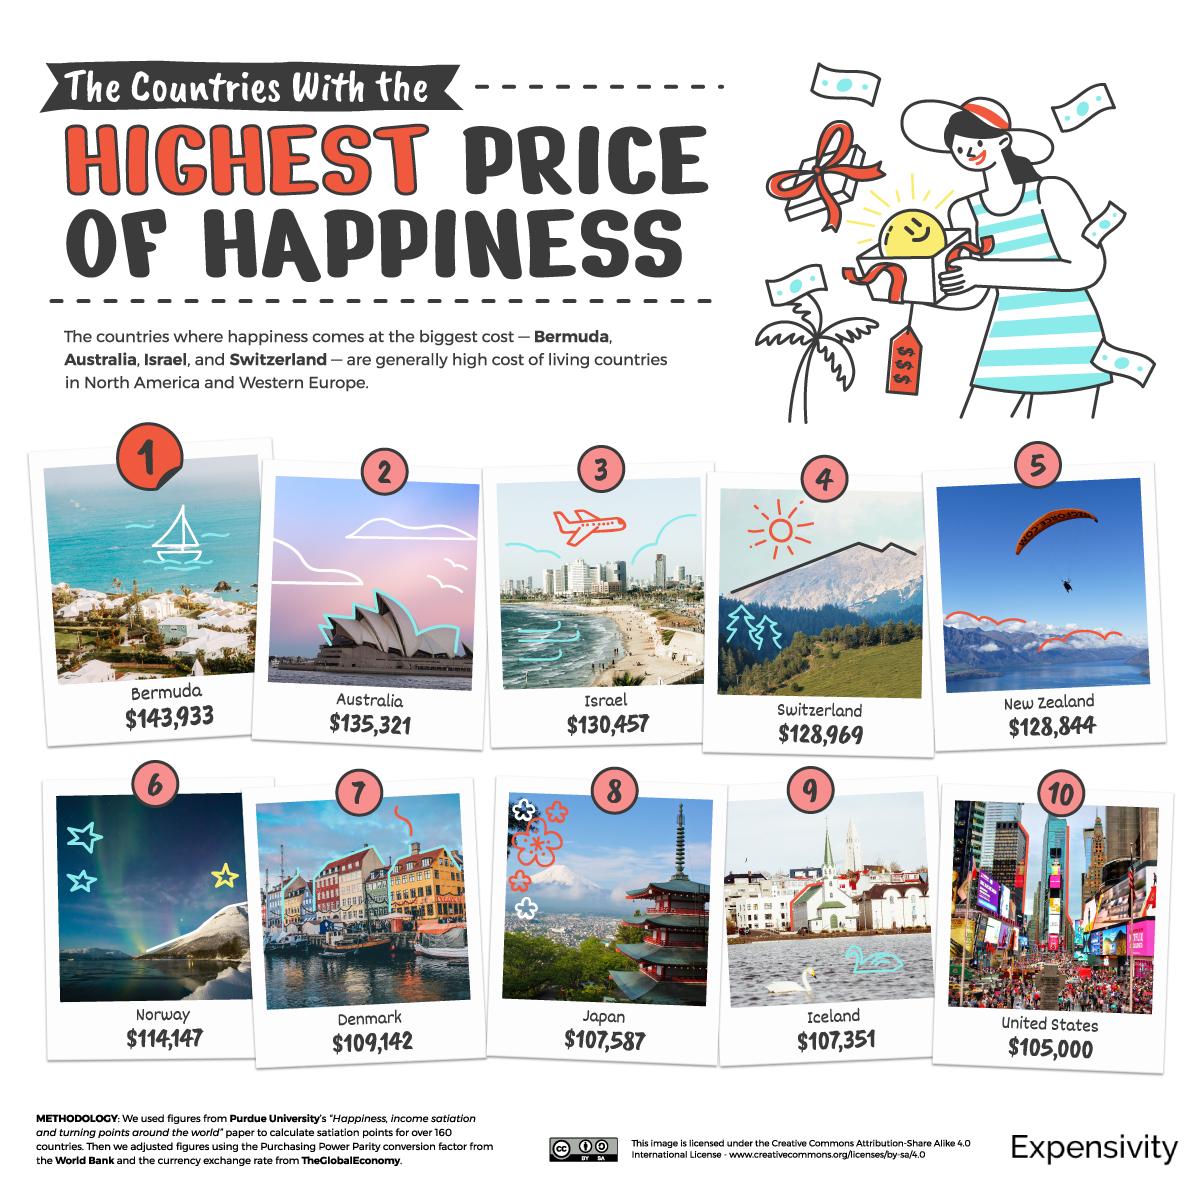 Скільки грошей потрібно для щастя на рік в Україні та інших країнах: опубліковано цифри